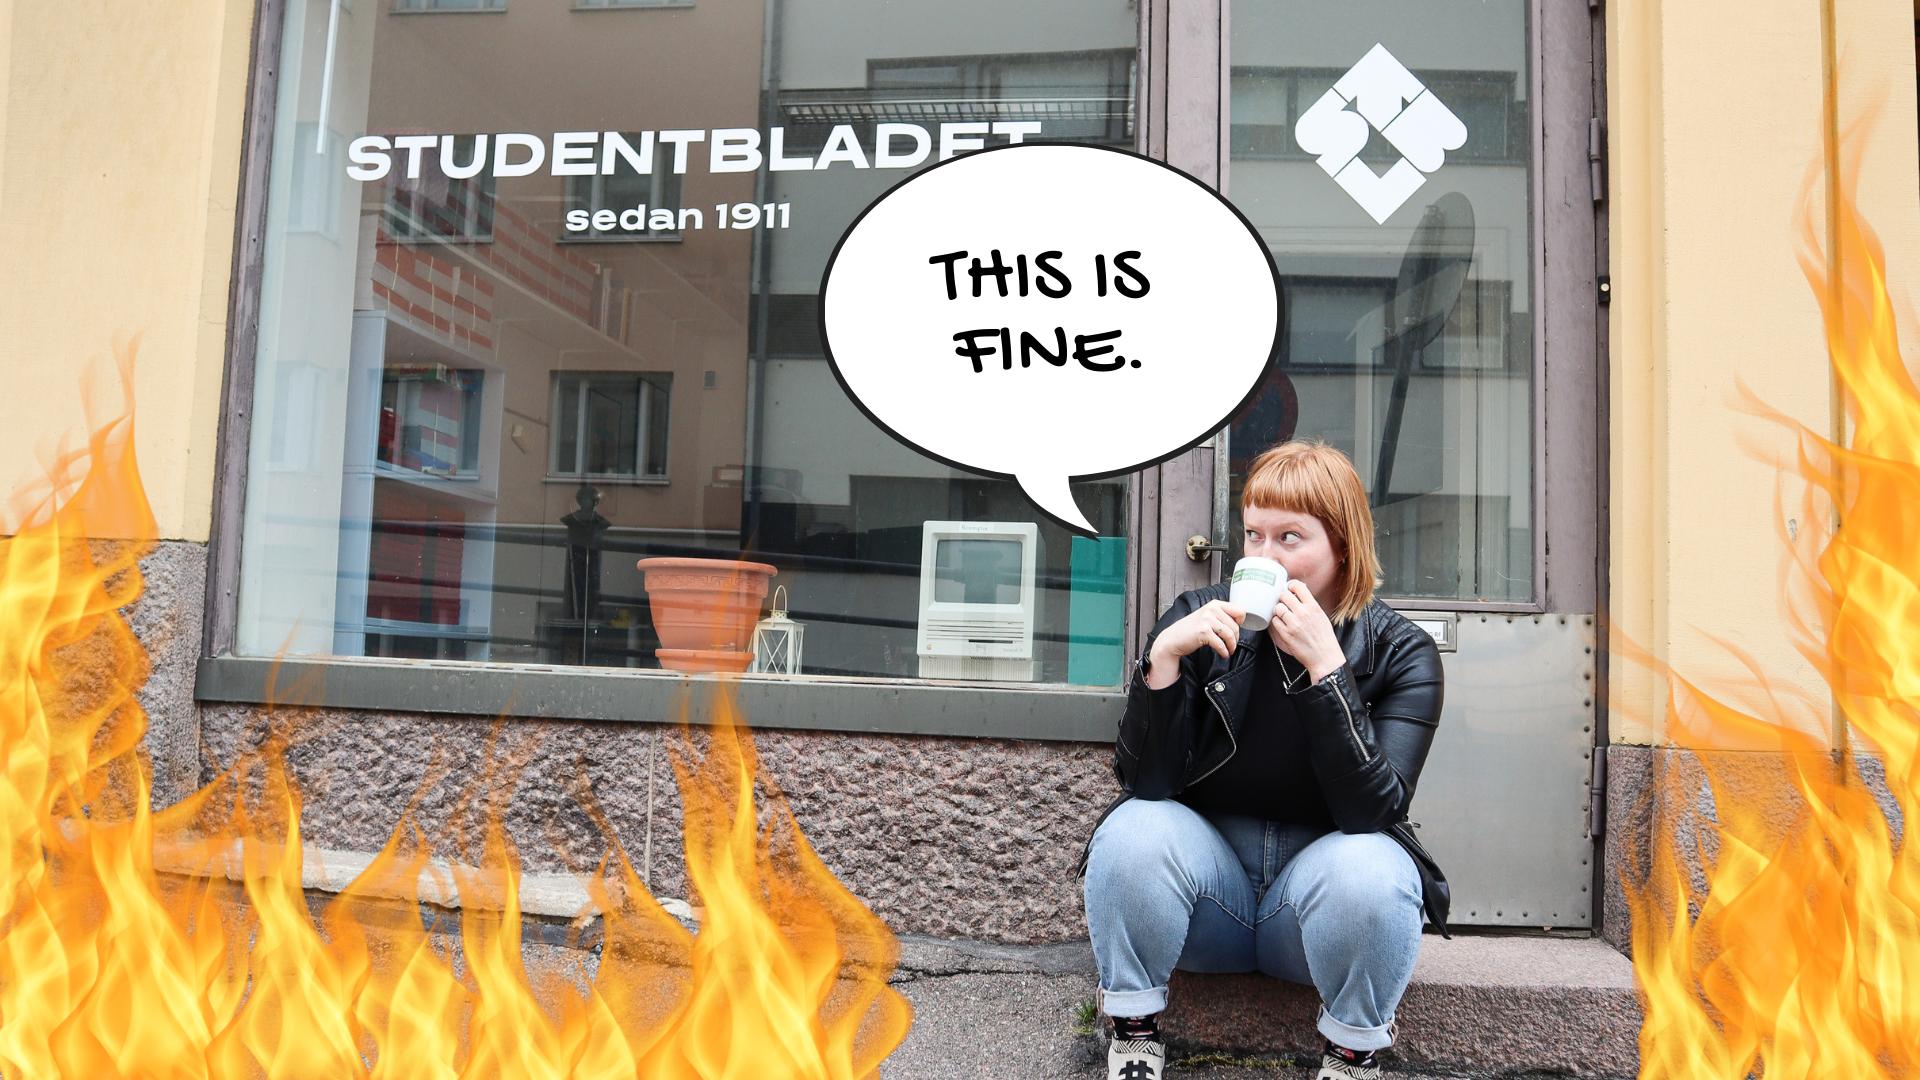 This is fine, säger kaffedrickande chefredaktören medan världen brinner.